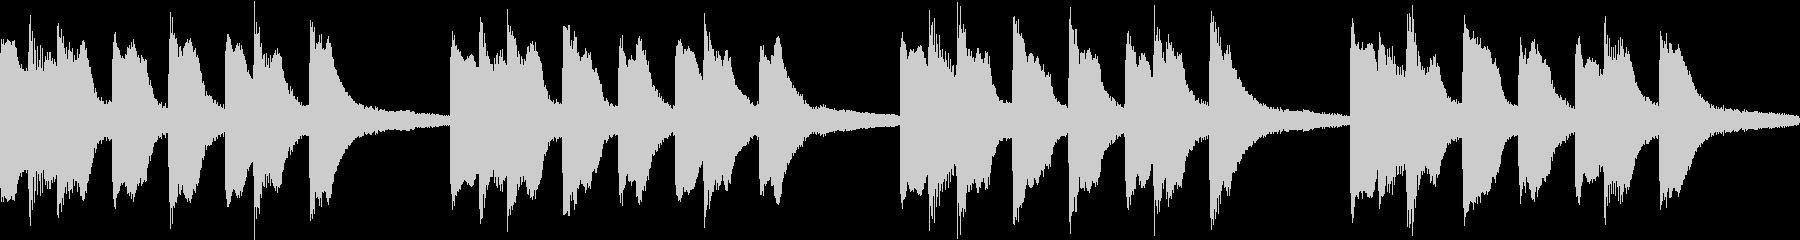 シンプル ベル 着信音 チャイム B-4の未再生の波形